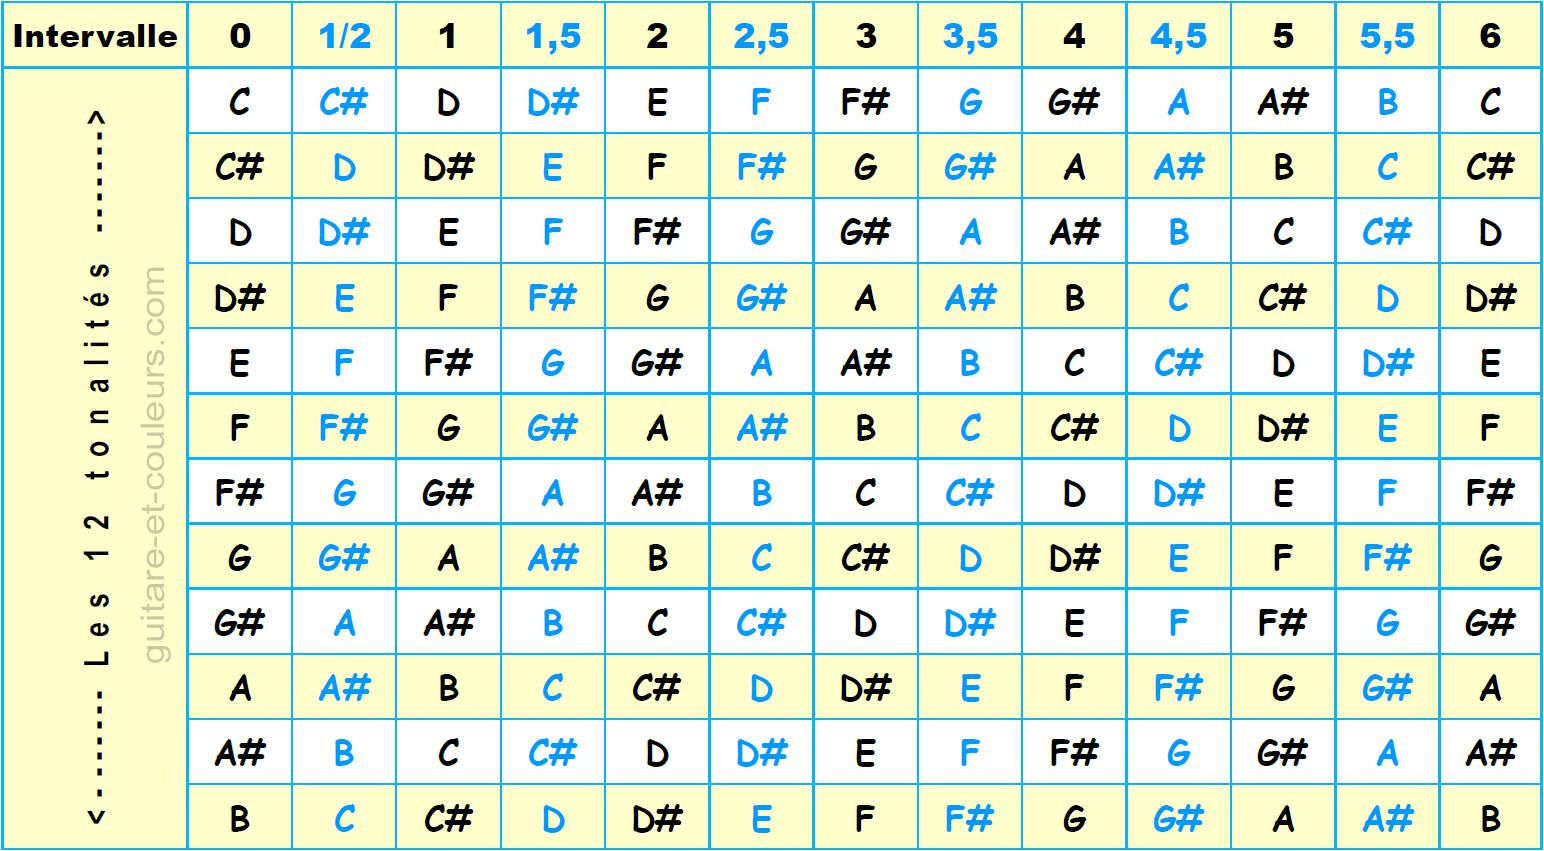 Le nom des notes à différents intervalles dans les 12 tonalités